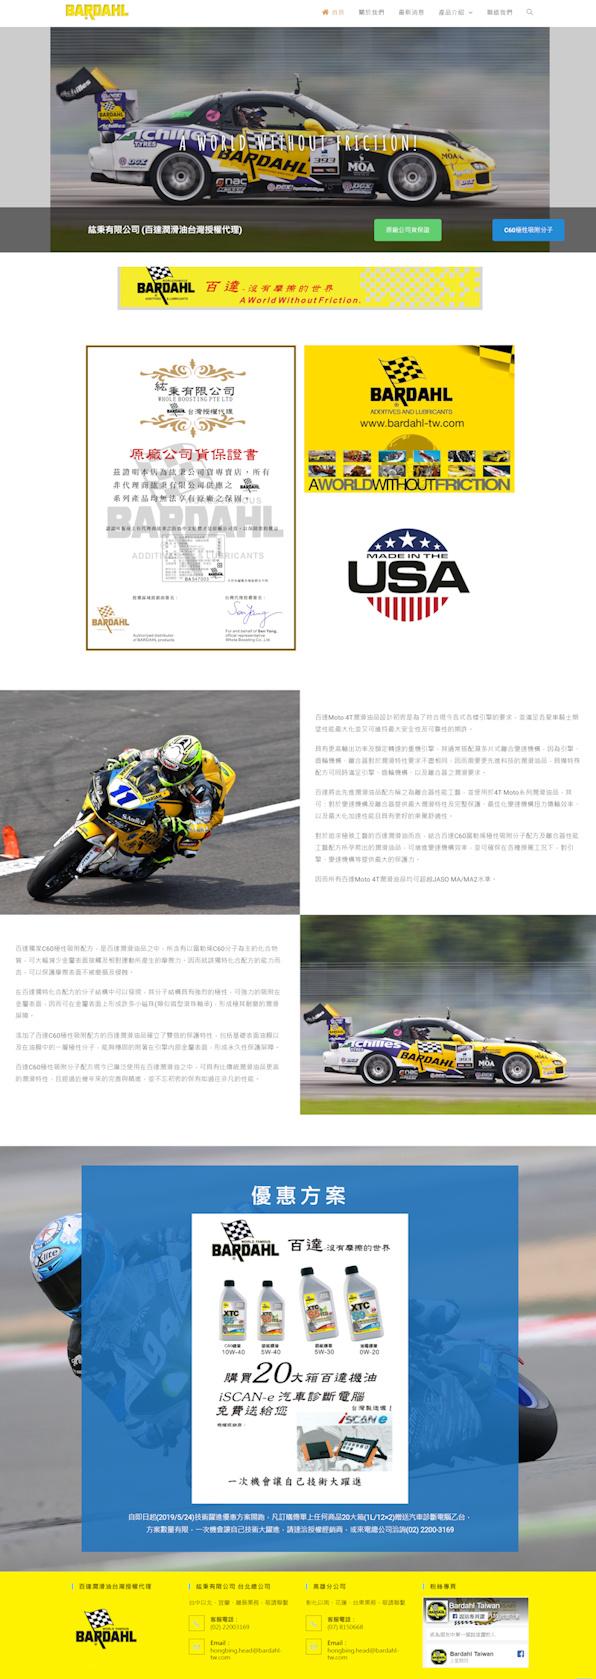 網頁設計-百達潤滑油-2